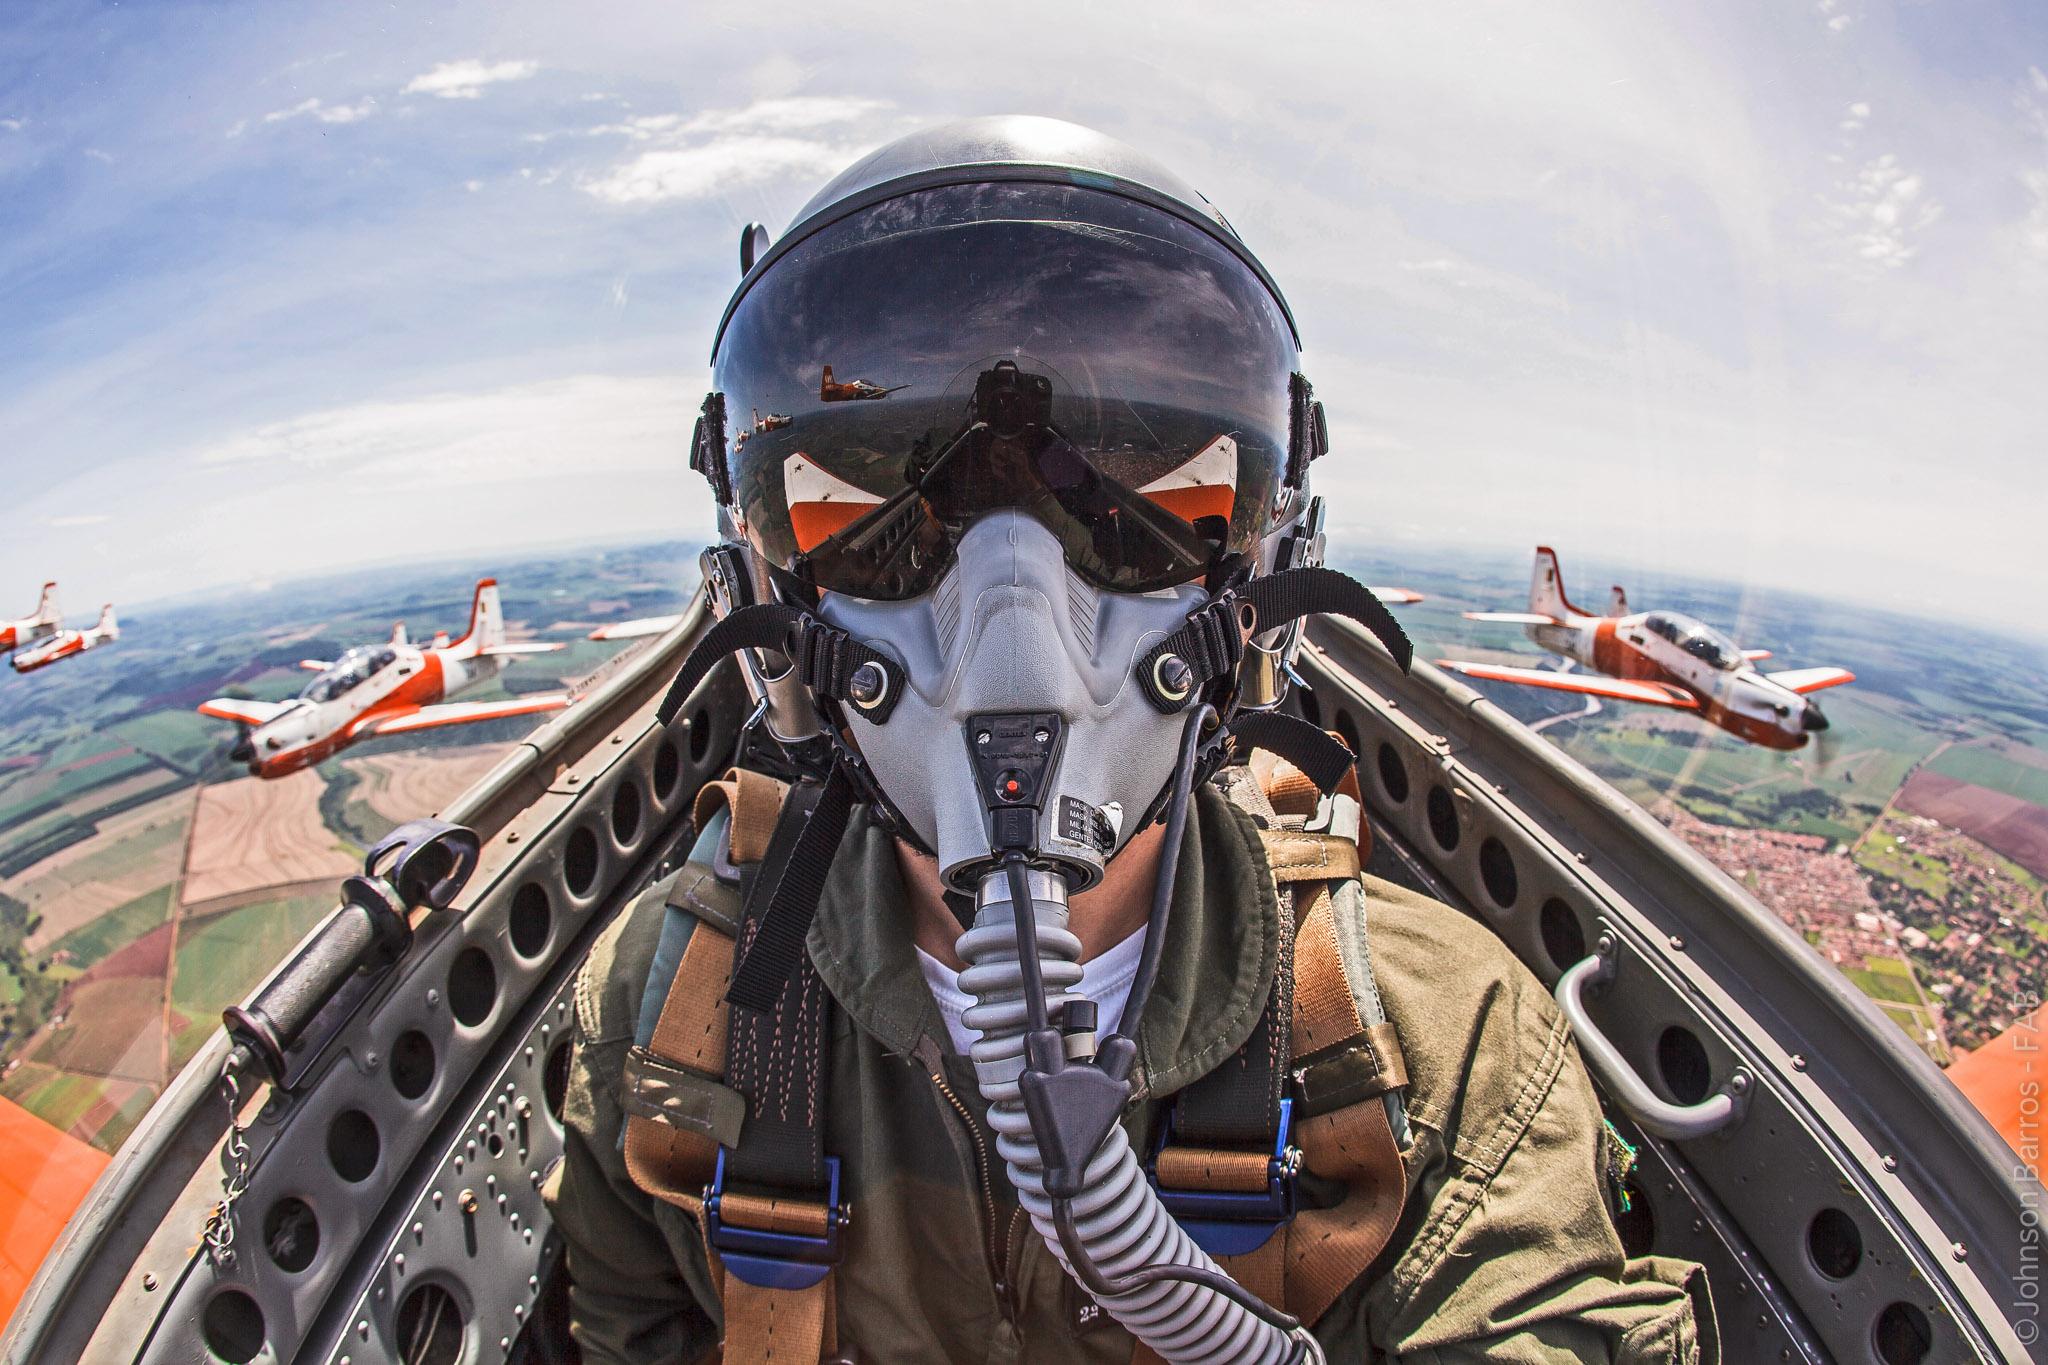 фото пилотов истребителей найдете